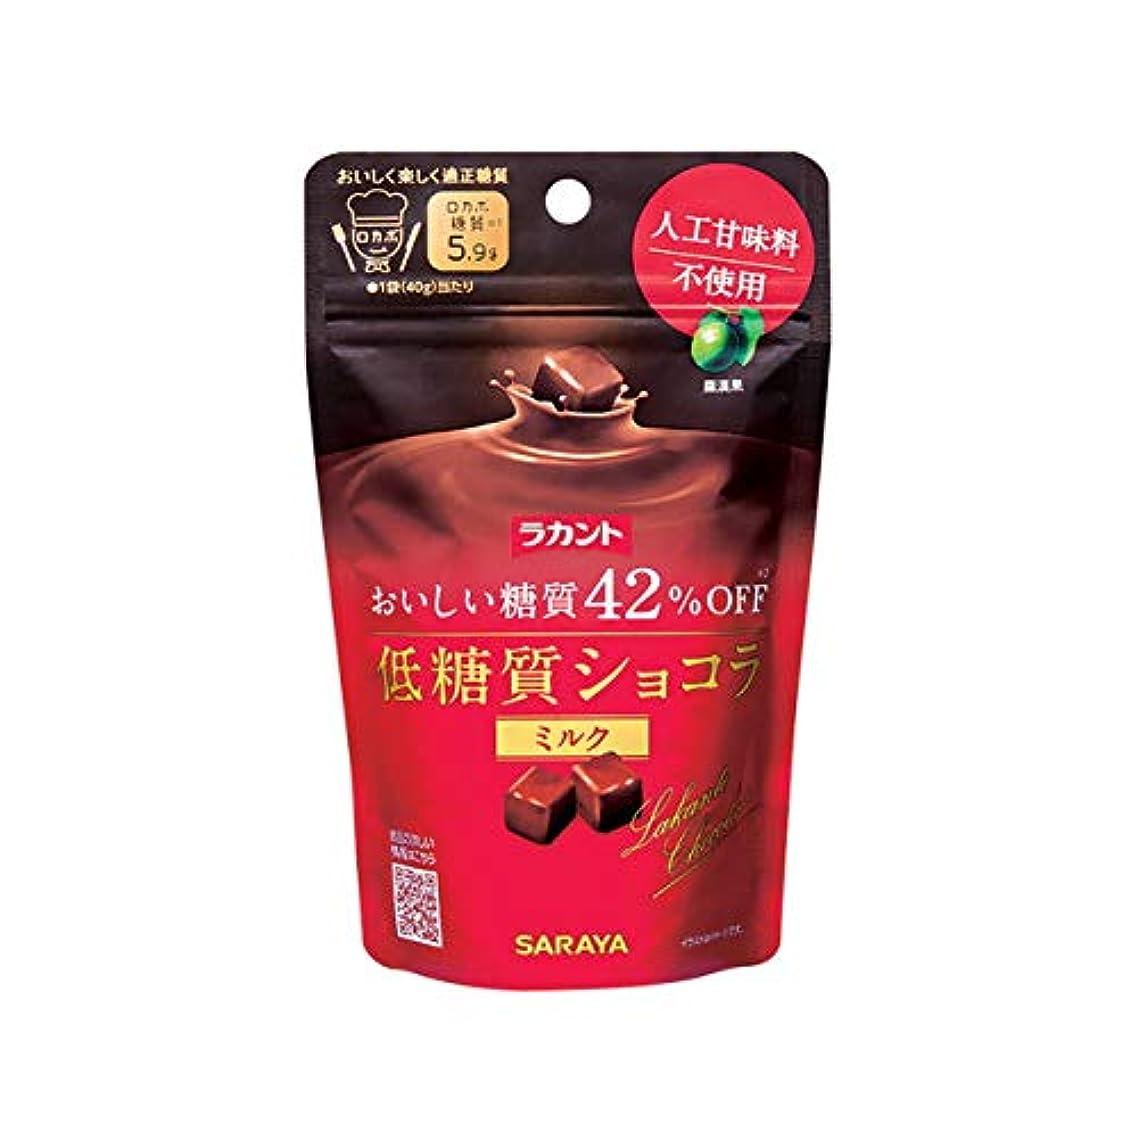 ファイター滑るビジュアルサラヤ ラカント ショコラミルク 40g【3個セット】